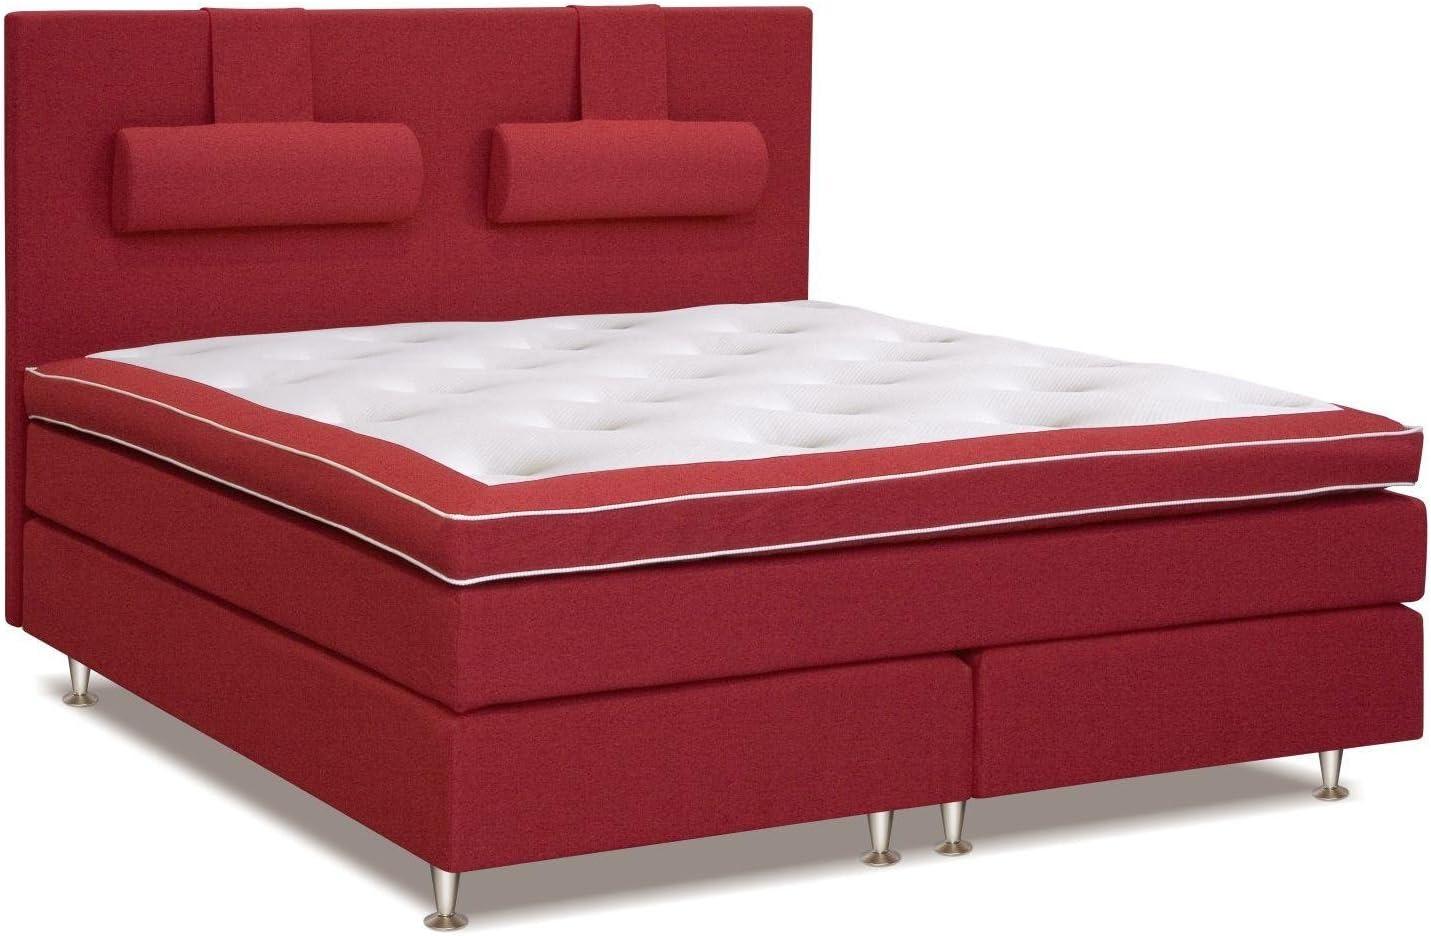 Cama con somier cama 200 x 200 cm rojo: Amazon.es ...